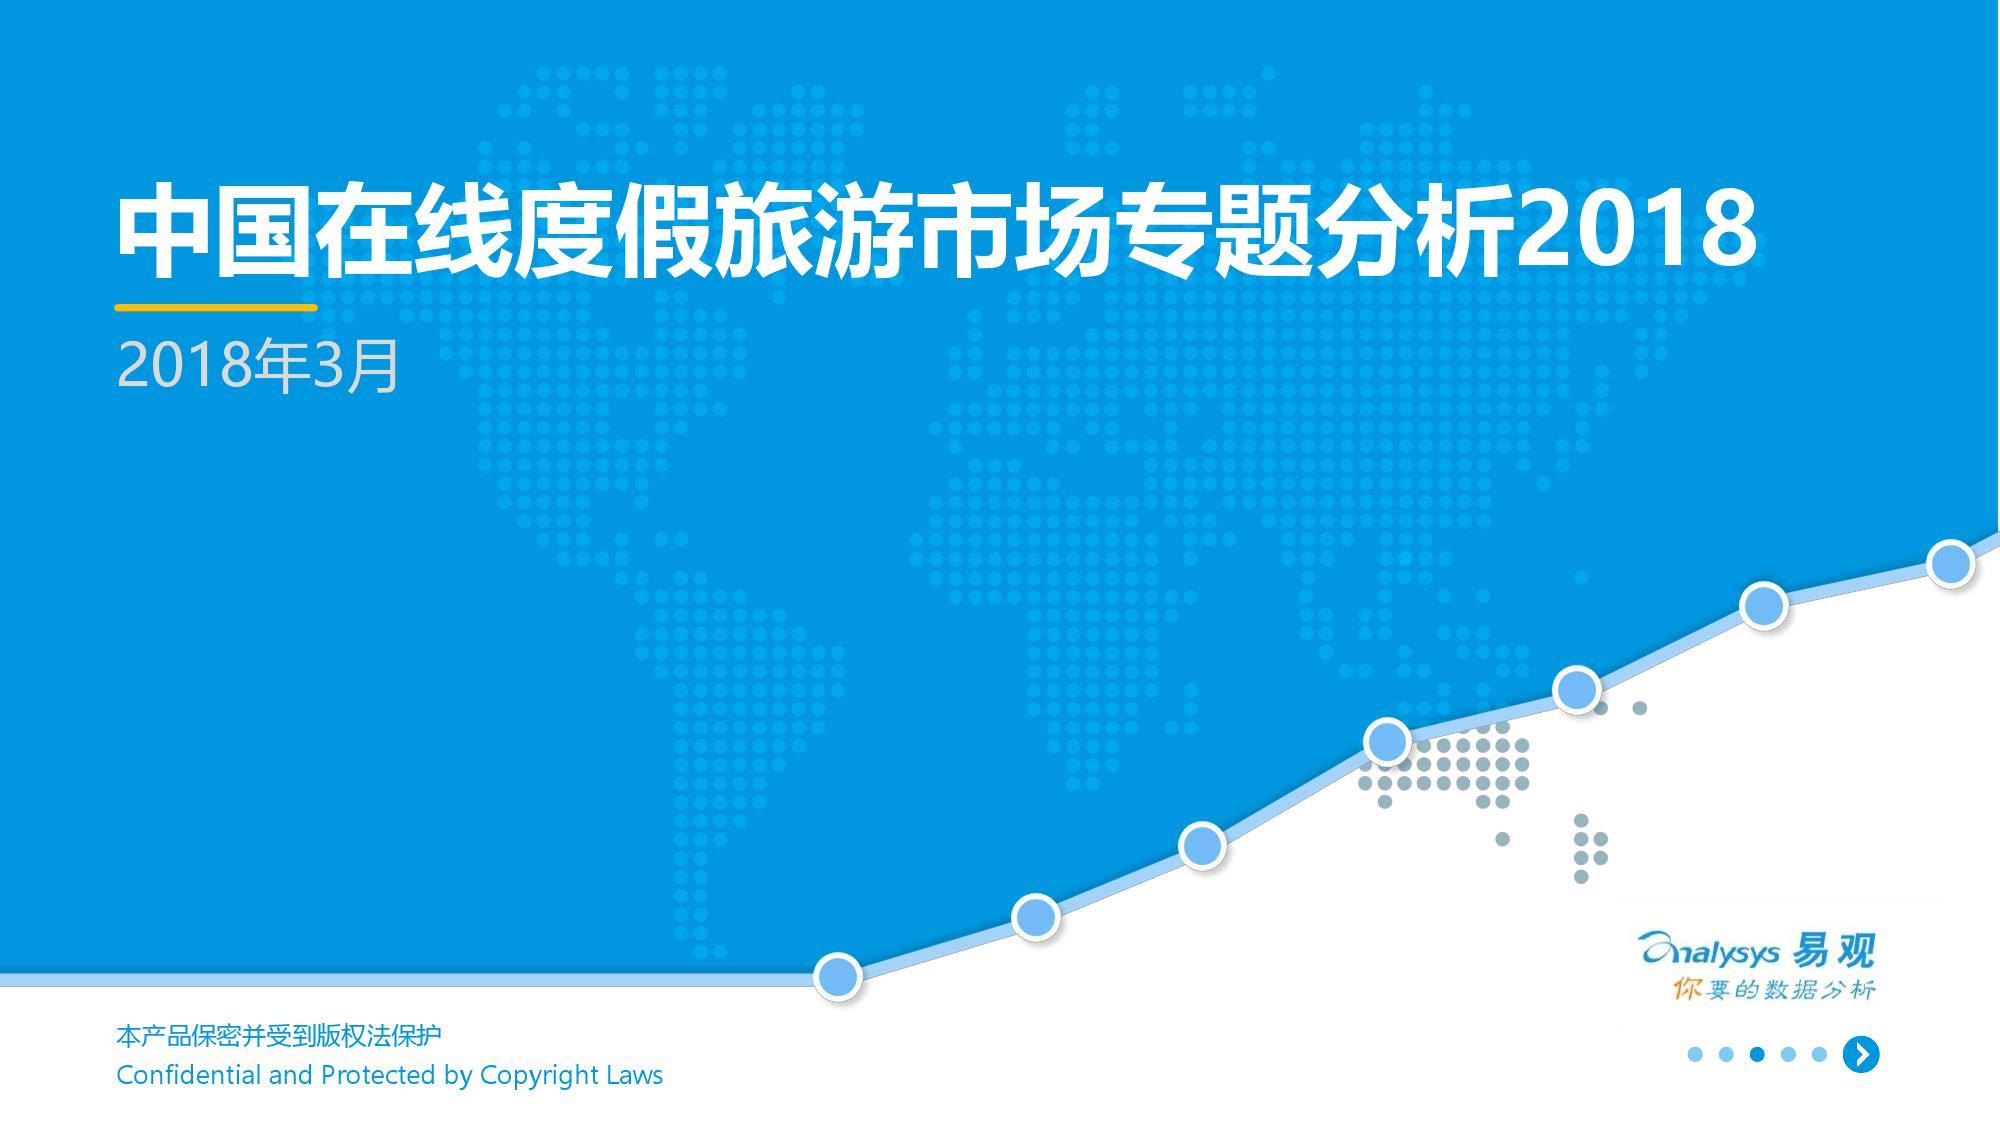 易观:2018中国在线度假旅游市场专题分析(附下载)